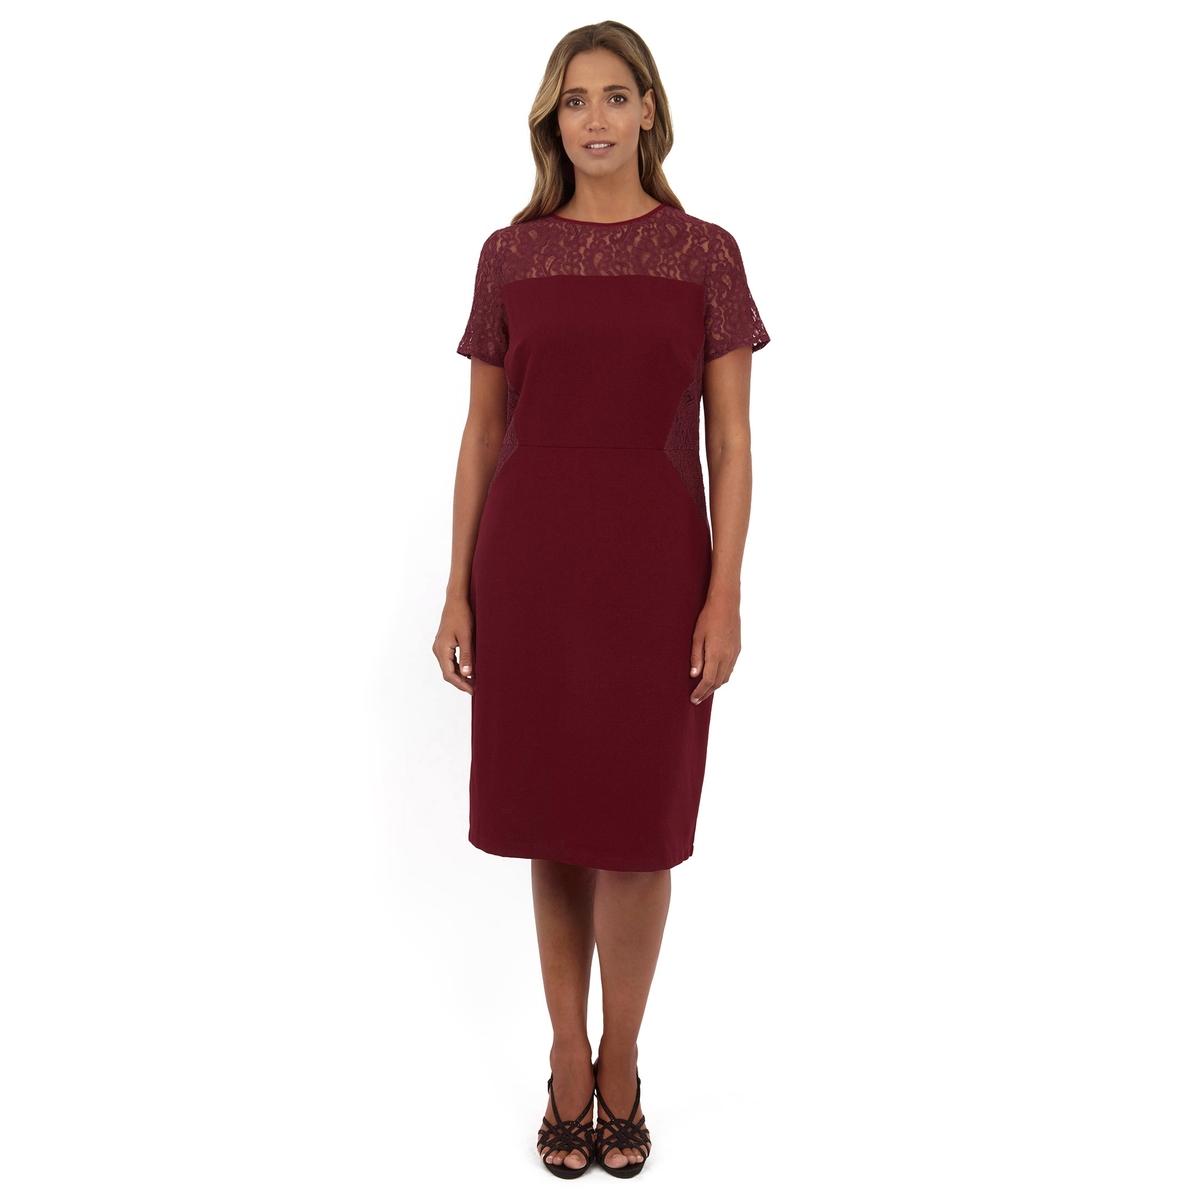 ПлатьеПлатье с короткими рукавами - LOVEDROBE. Симпатичное кружево в верхней части. 100% полиэстер. Длина ок.104 см<br><br>Цвет: бордовый<br>Размер: 54/56 (FR) - 60/62 (RUS)